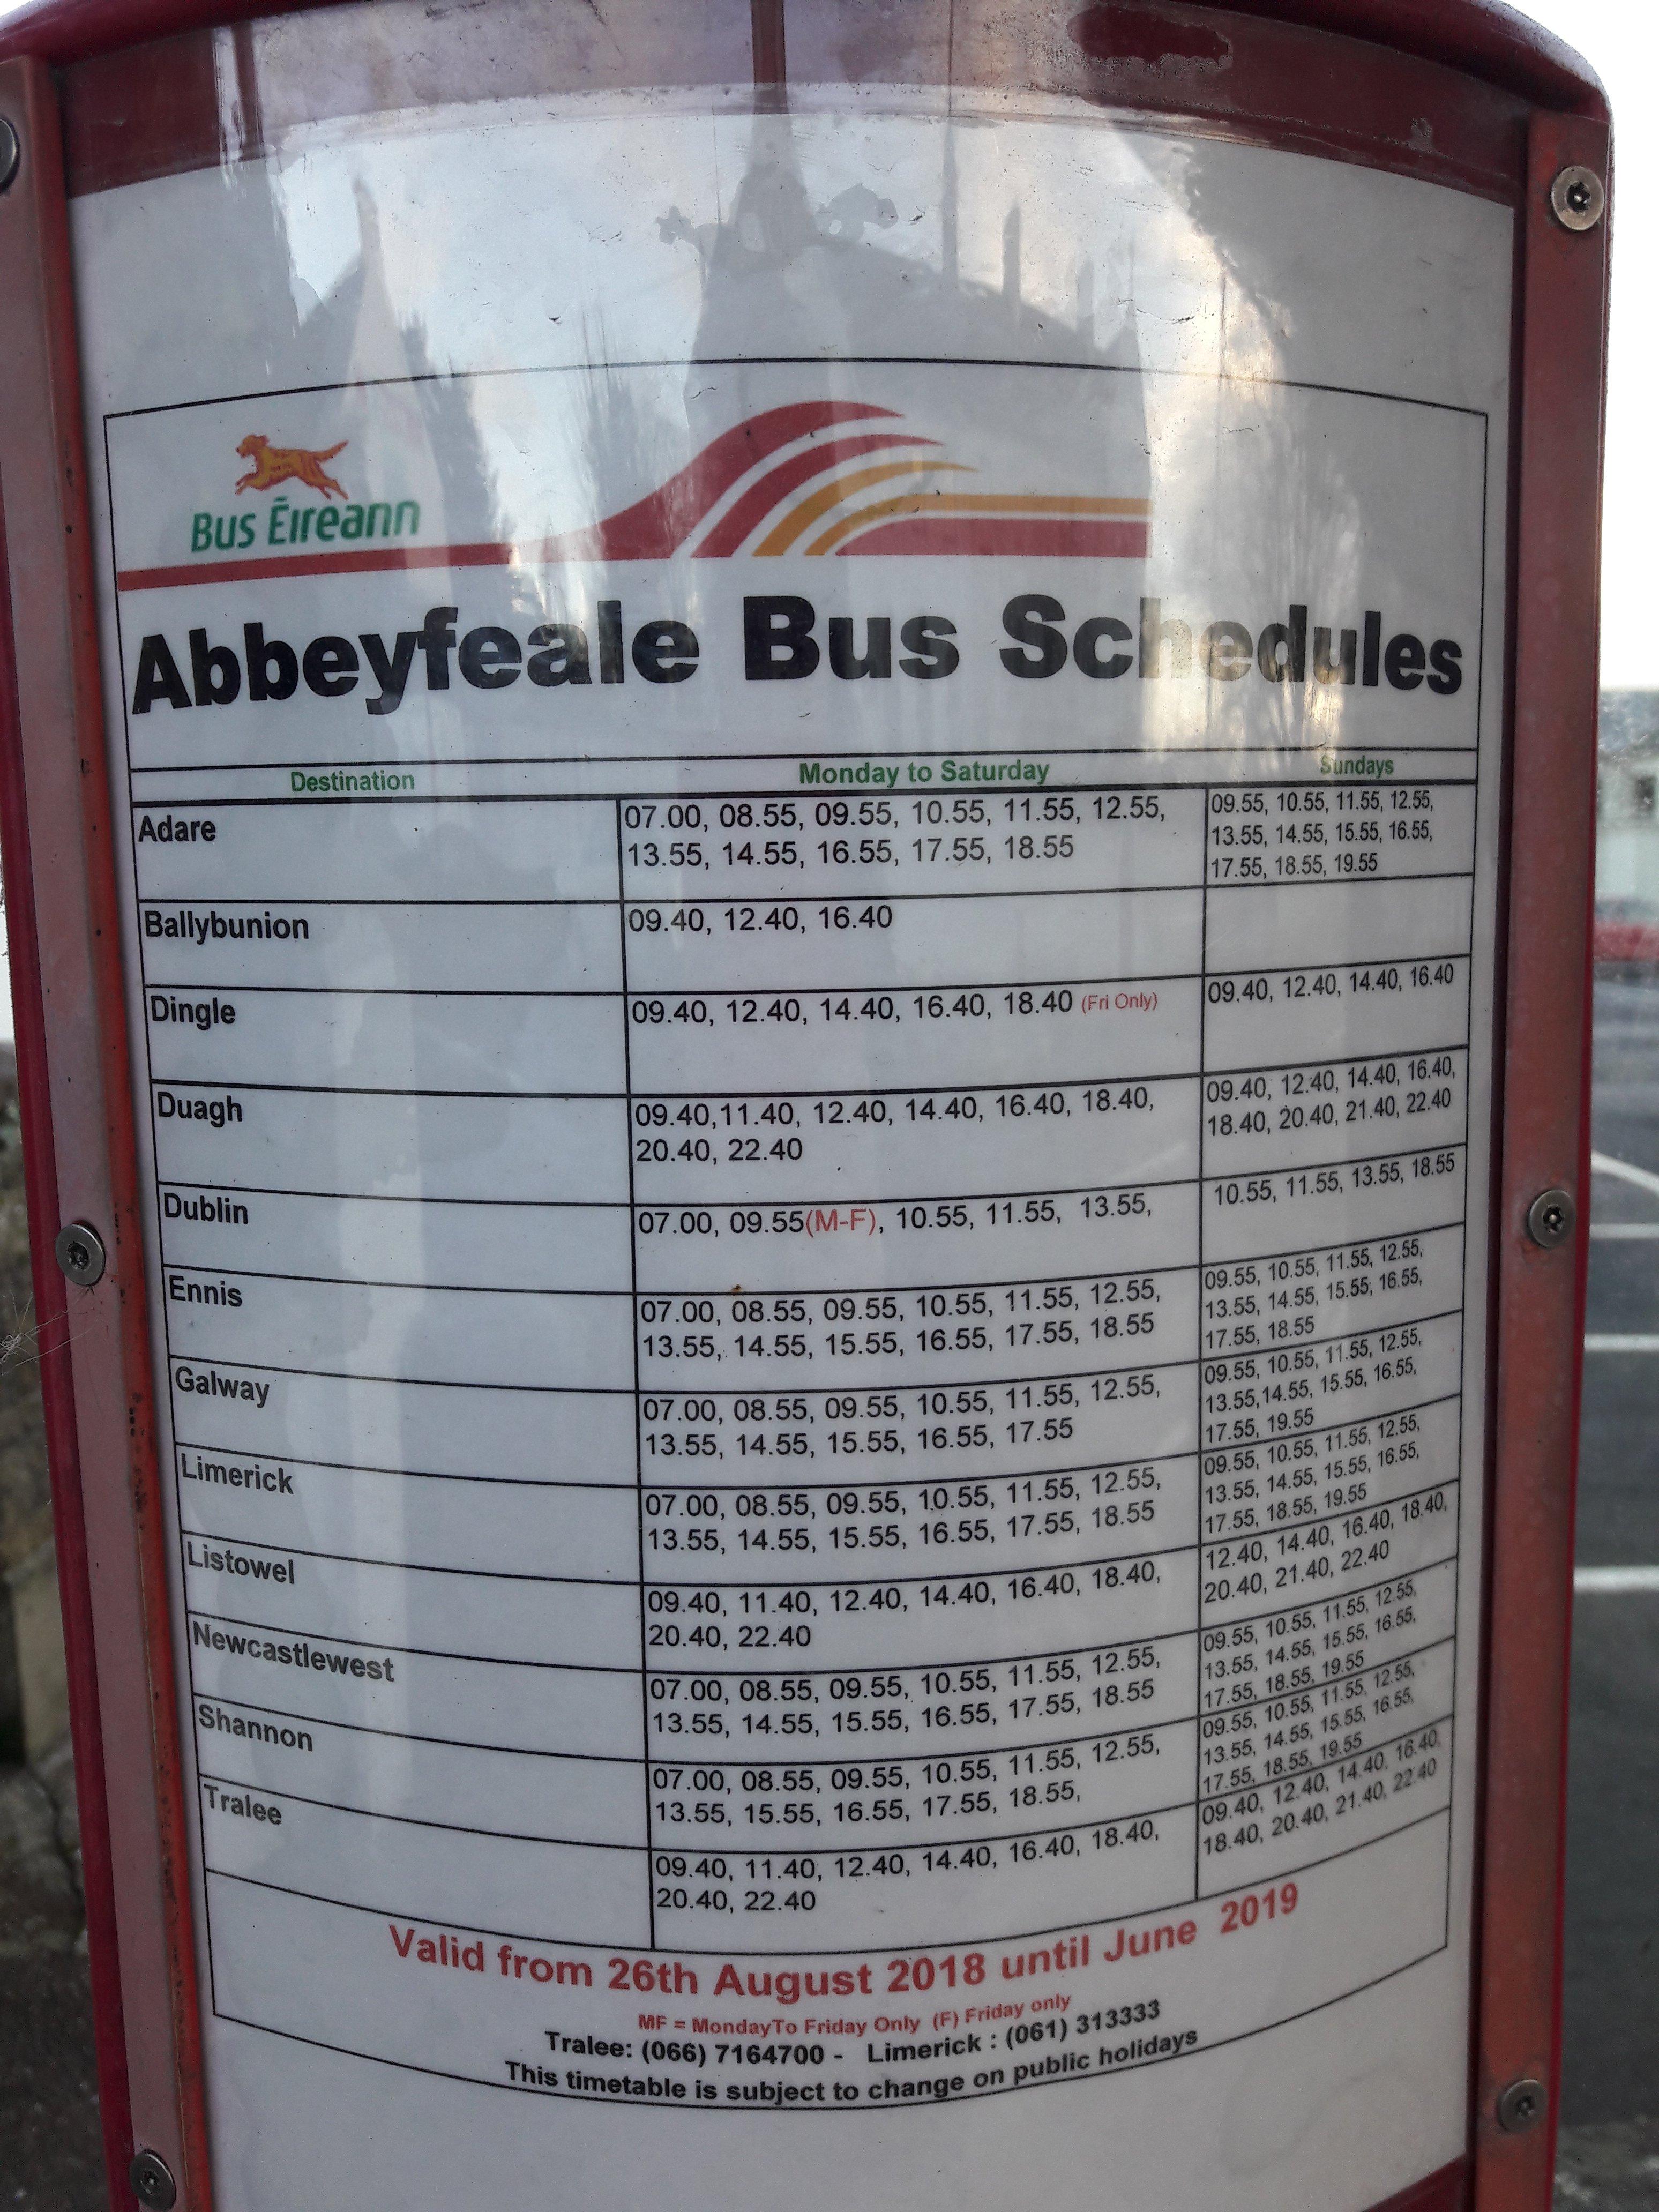 Bus Eireann timetable